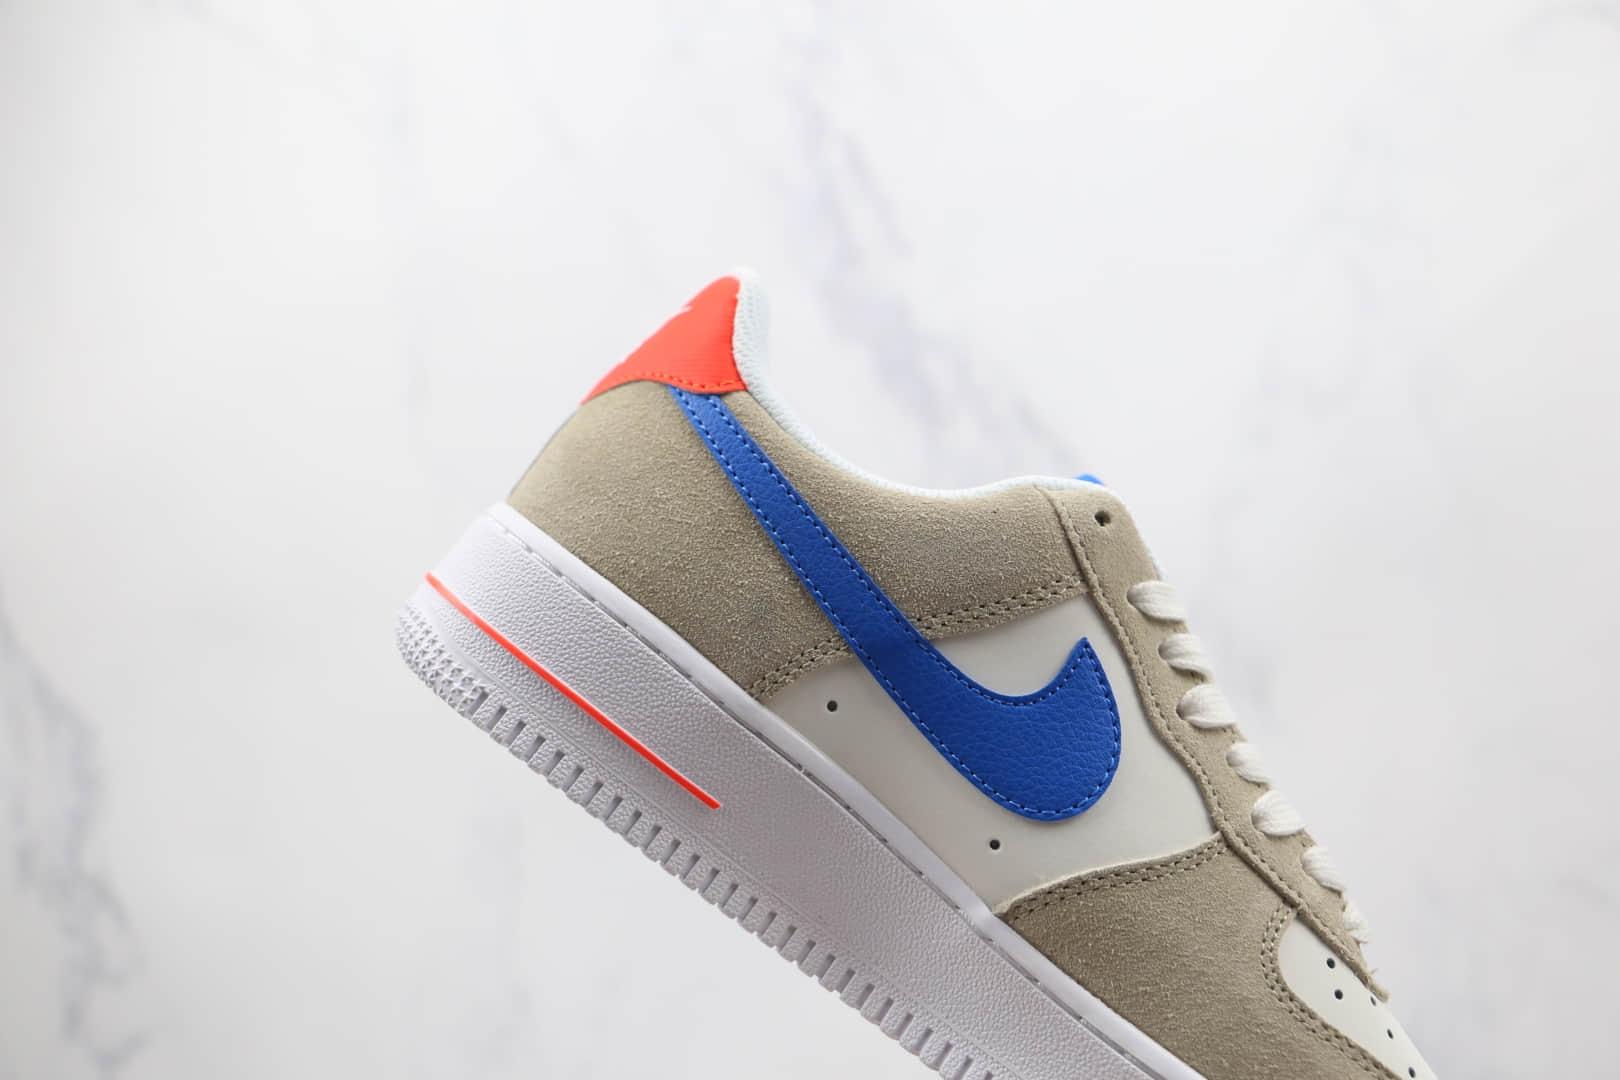 耐克Nike Air Force 1 AF1 USA纯原版本低帮空军一号米红蓝配色板鞋内置Sole气垫 货号:DM8314-100